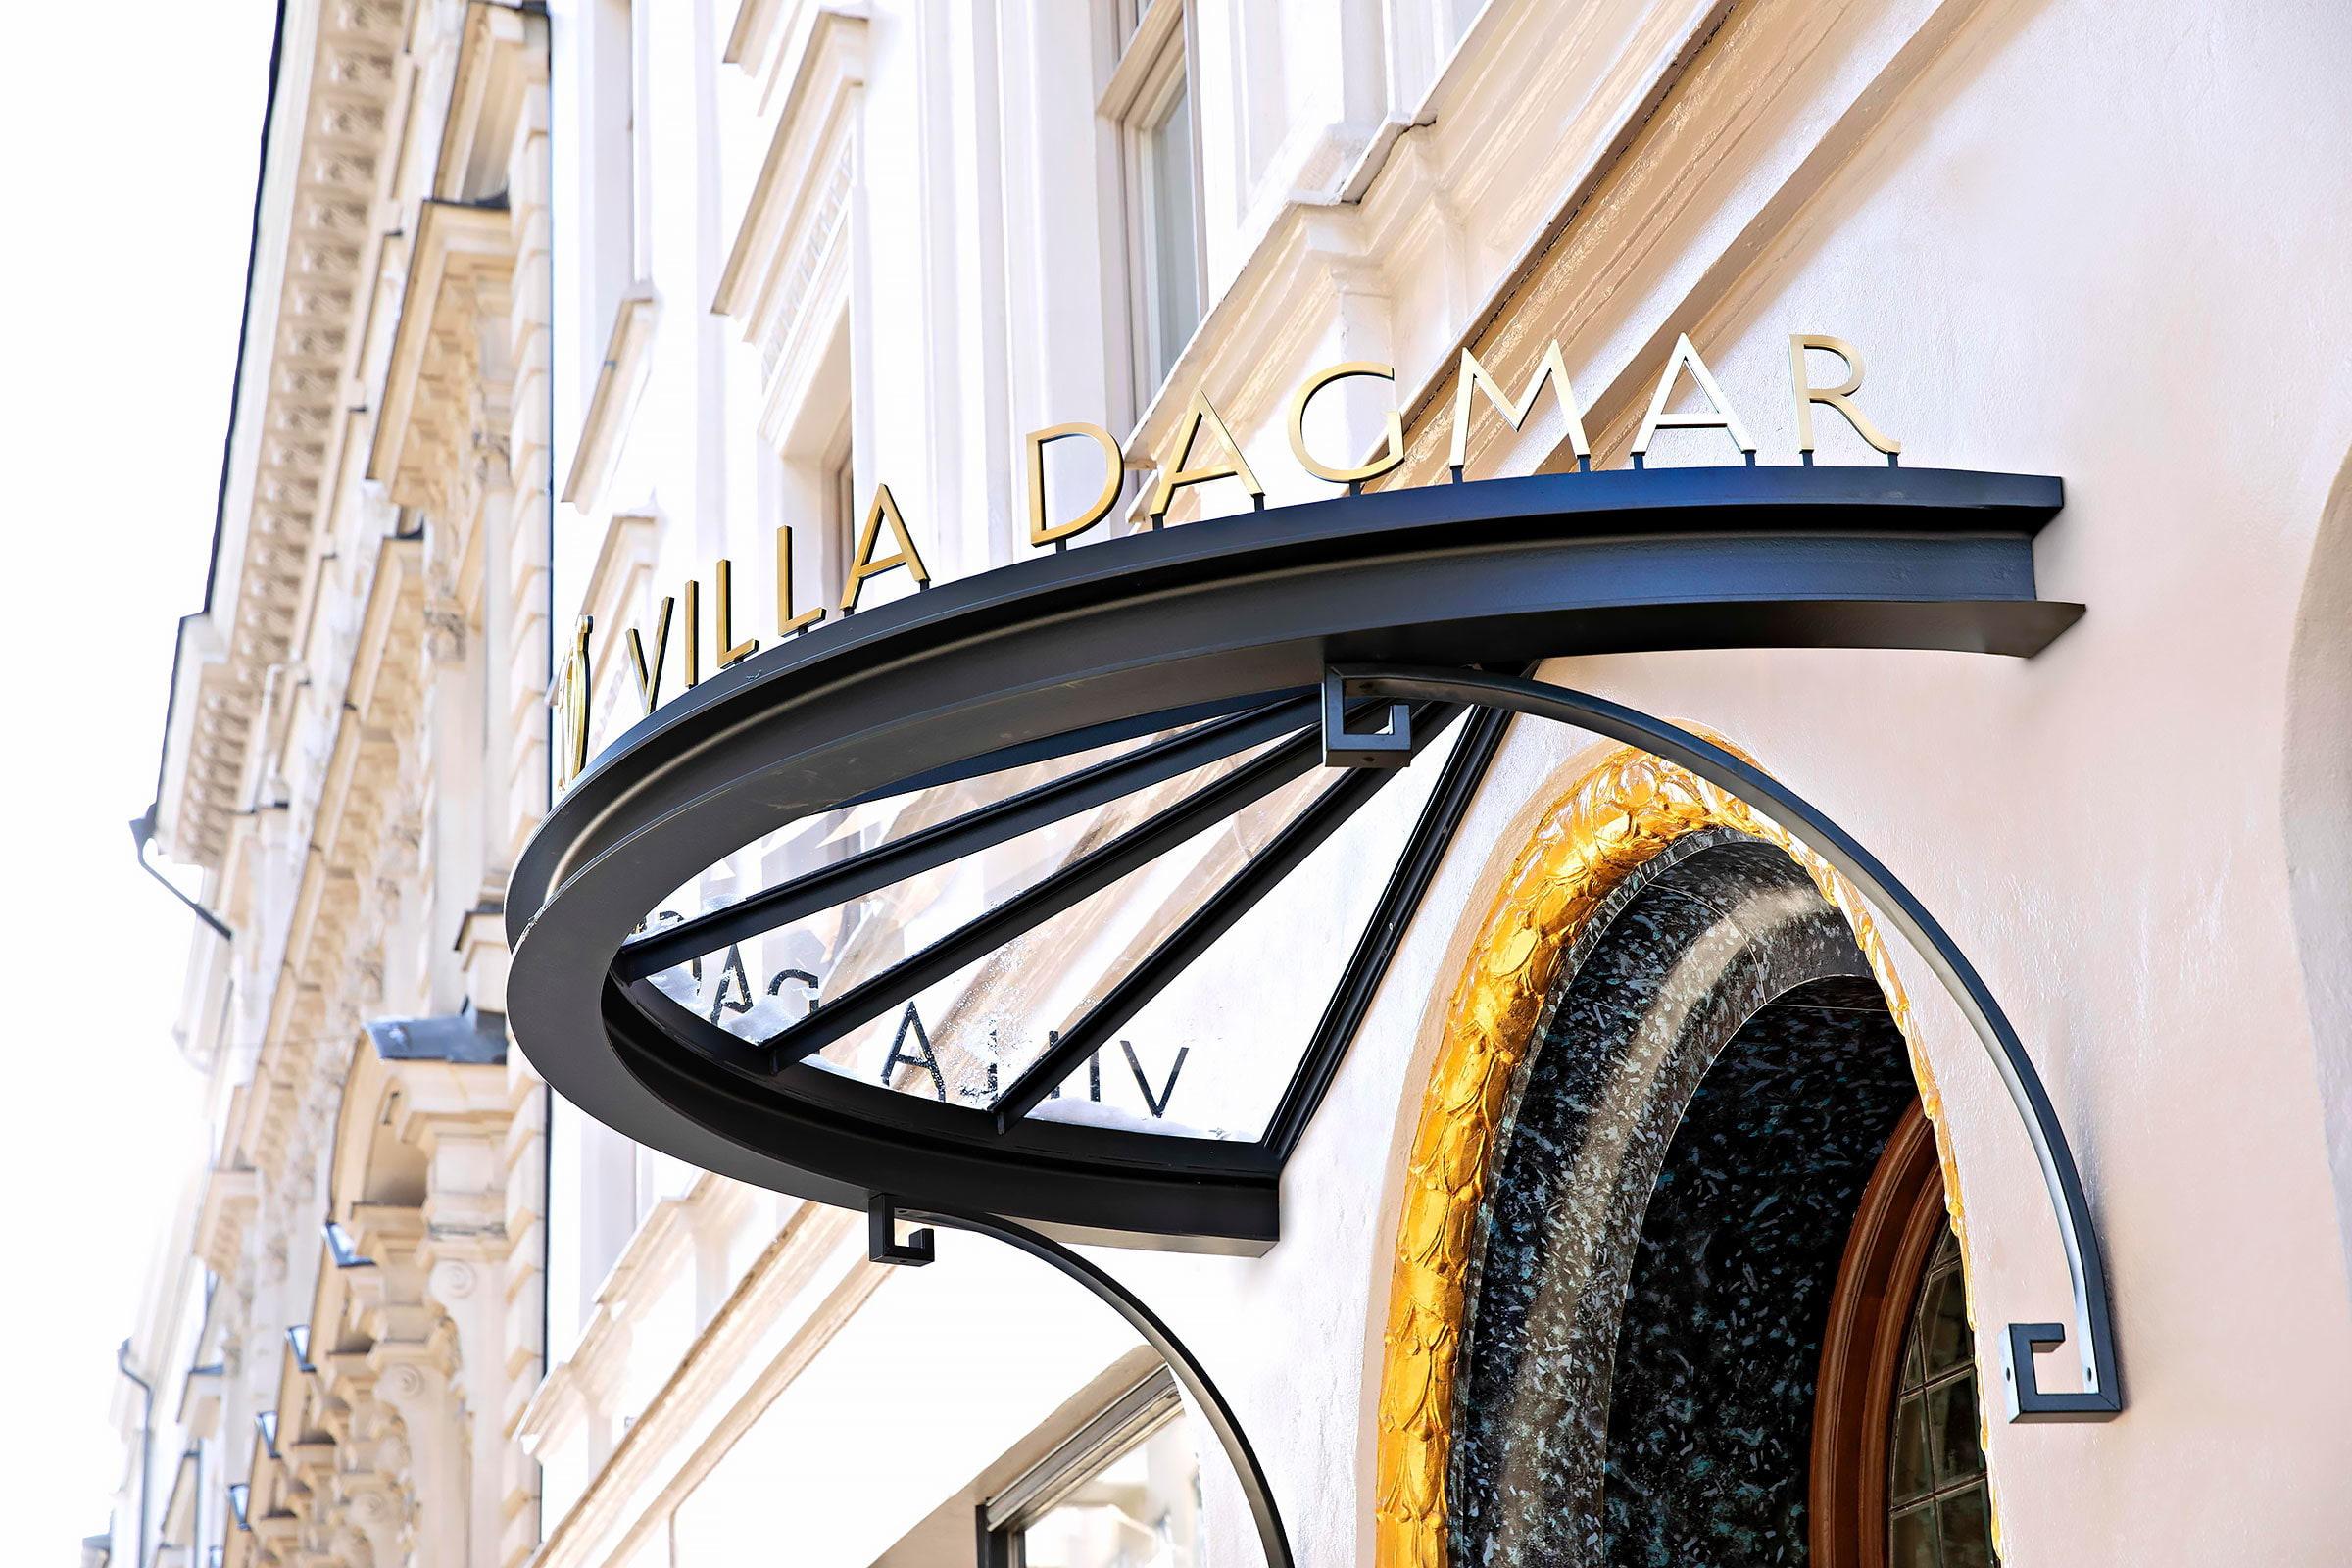 Foto: Villa Dagmar av Carl Hjelte